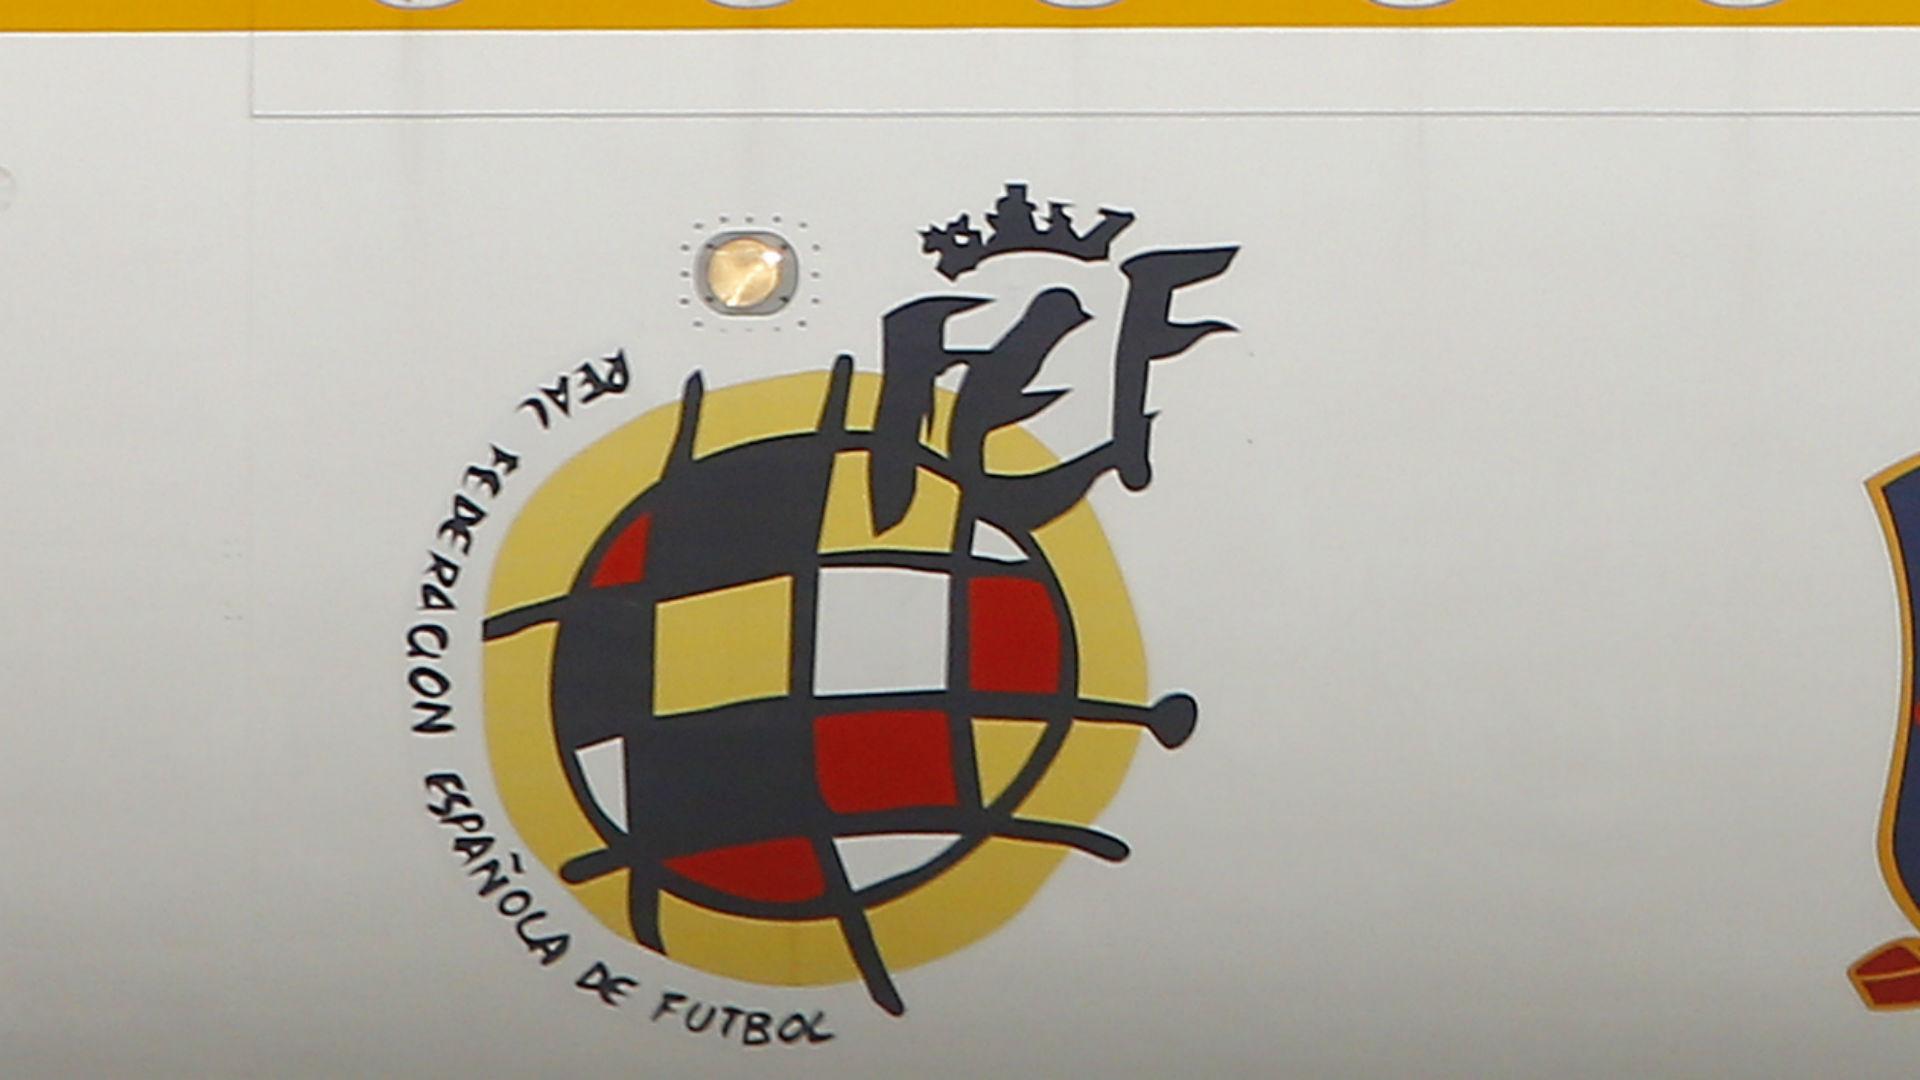 Deportivo-Fuenlabrada game set for Wednesday, RFEF announces